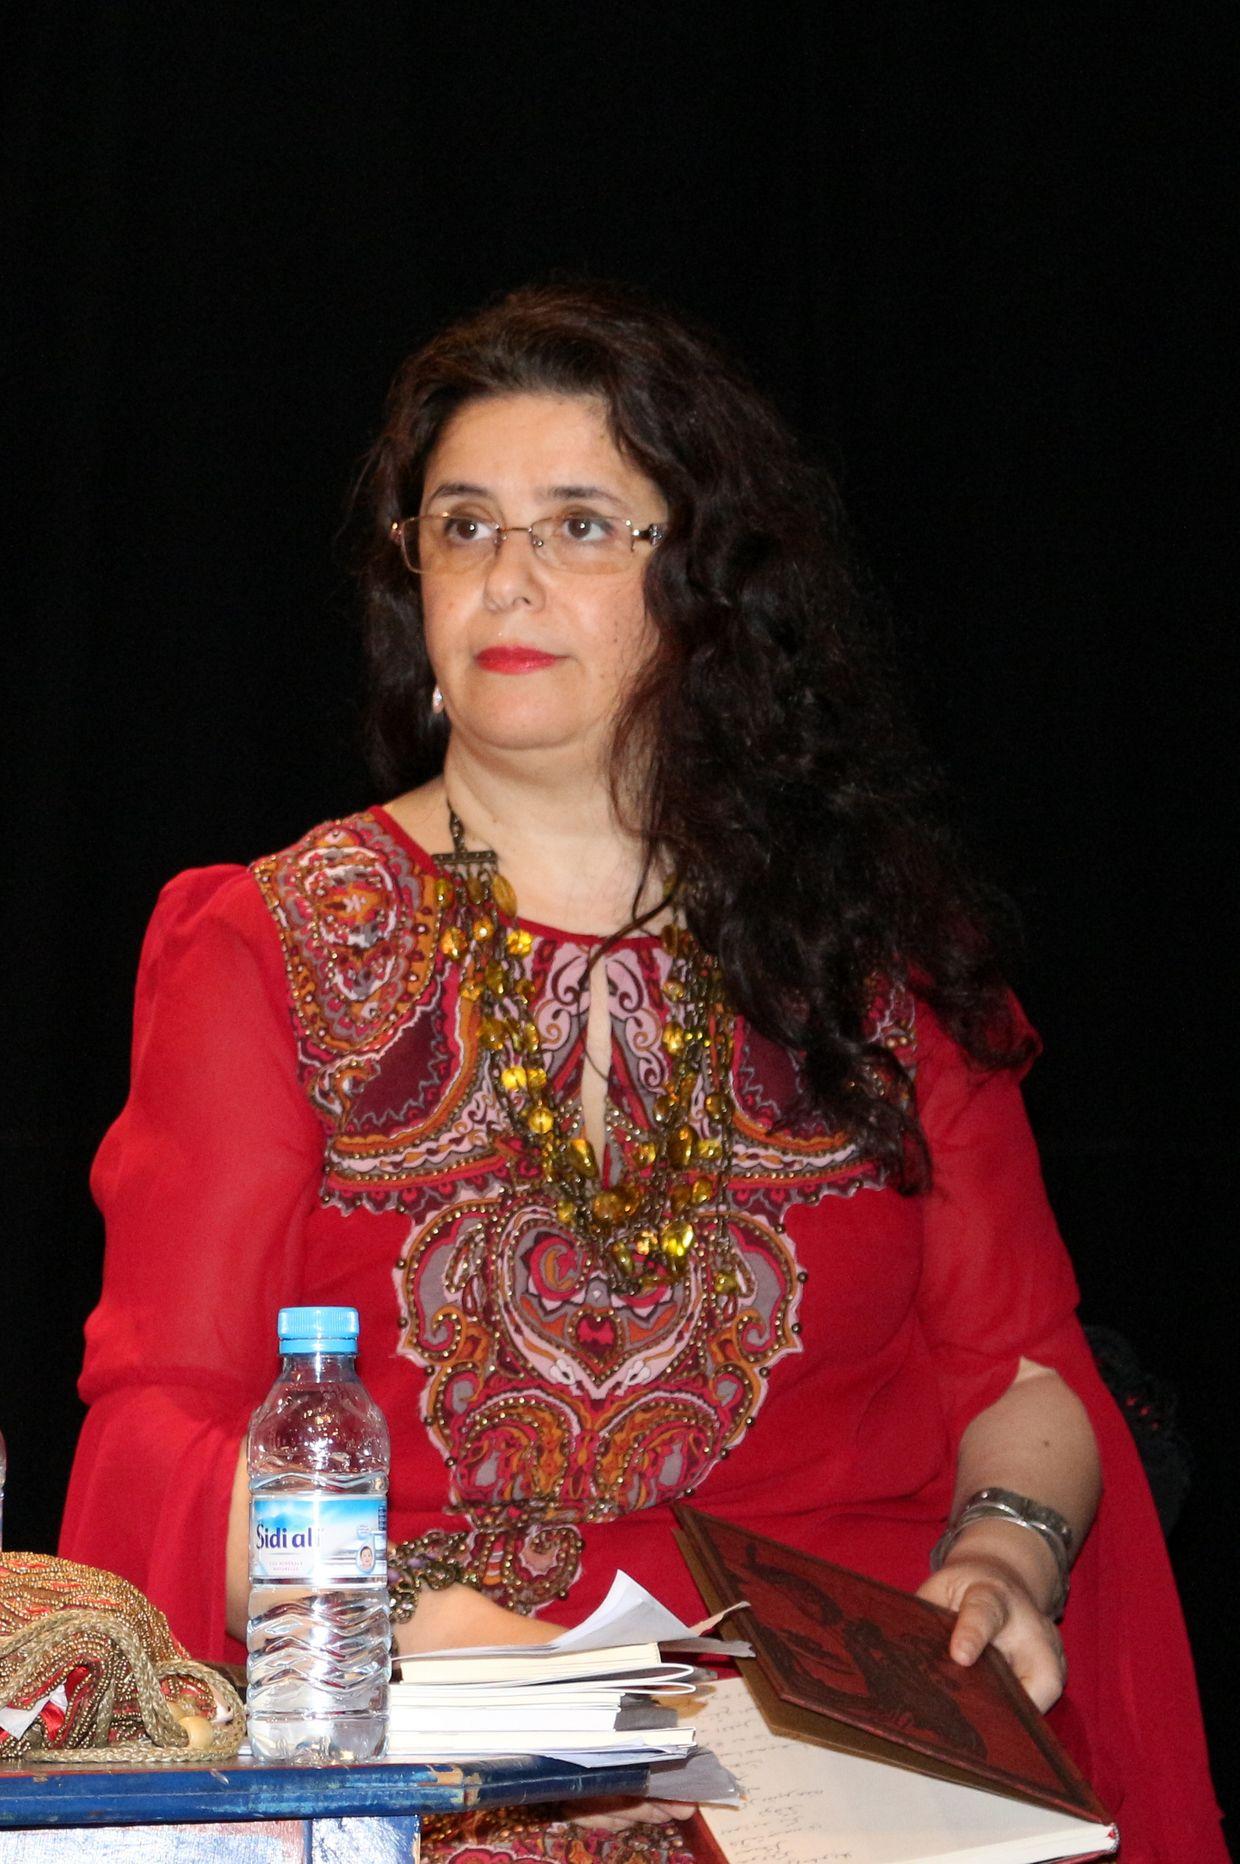 Siham Bouhlal